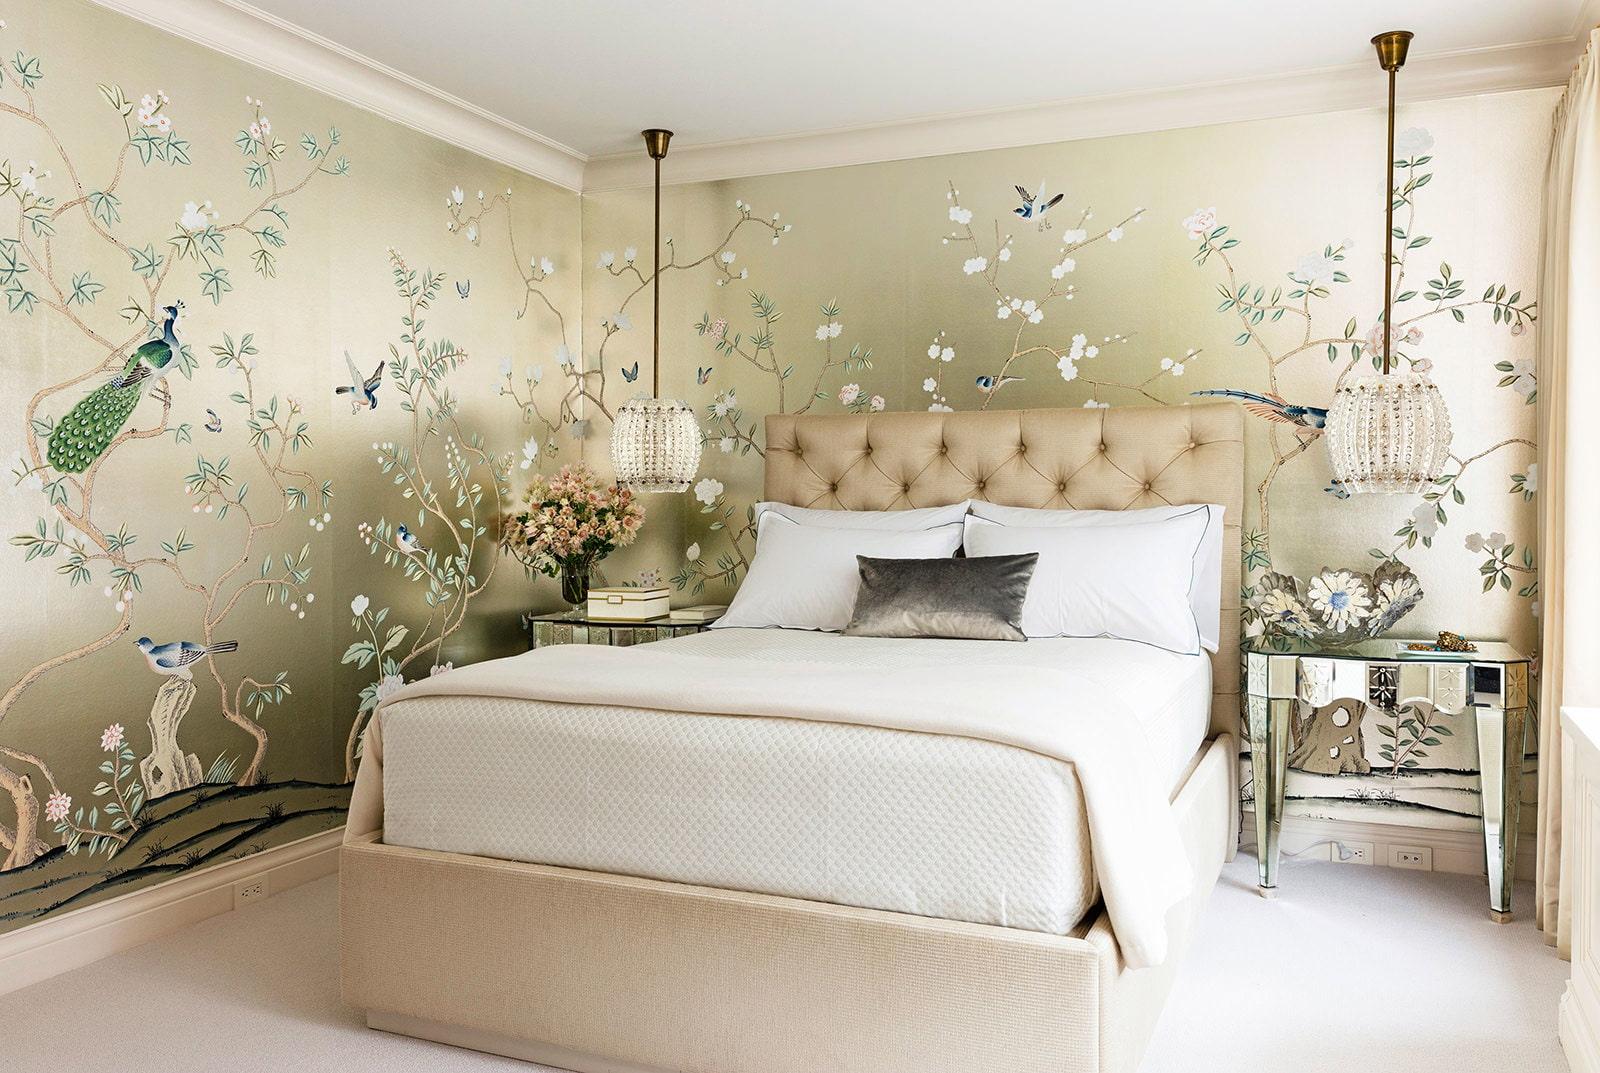 صورة ورق جدران لغرف النوم , احدث تصميمات جدران غرفة النوم 5120 9